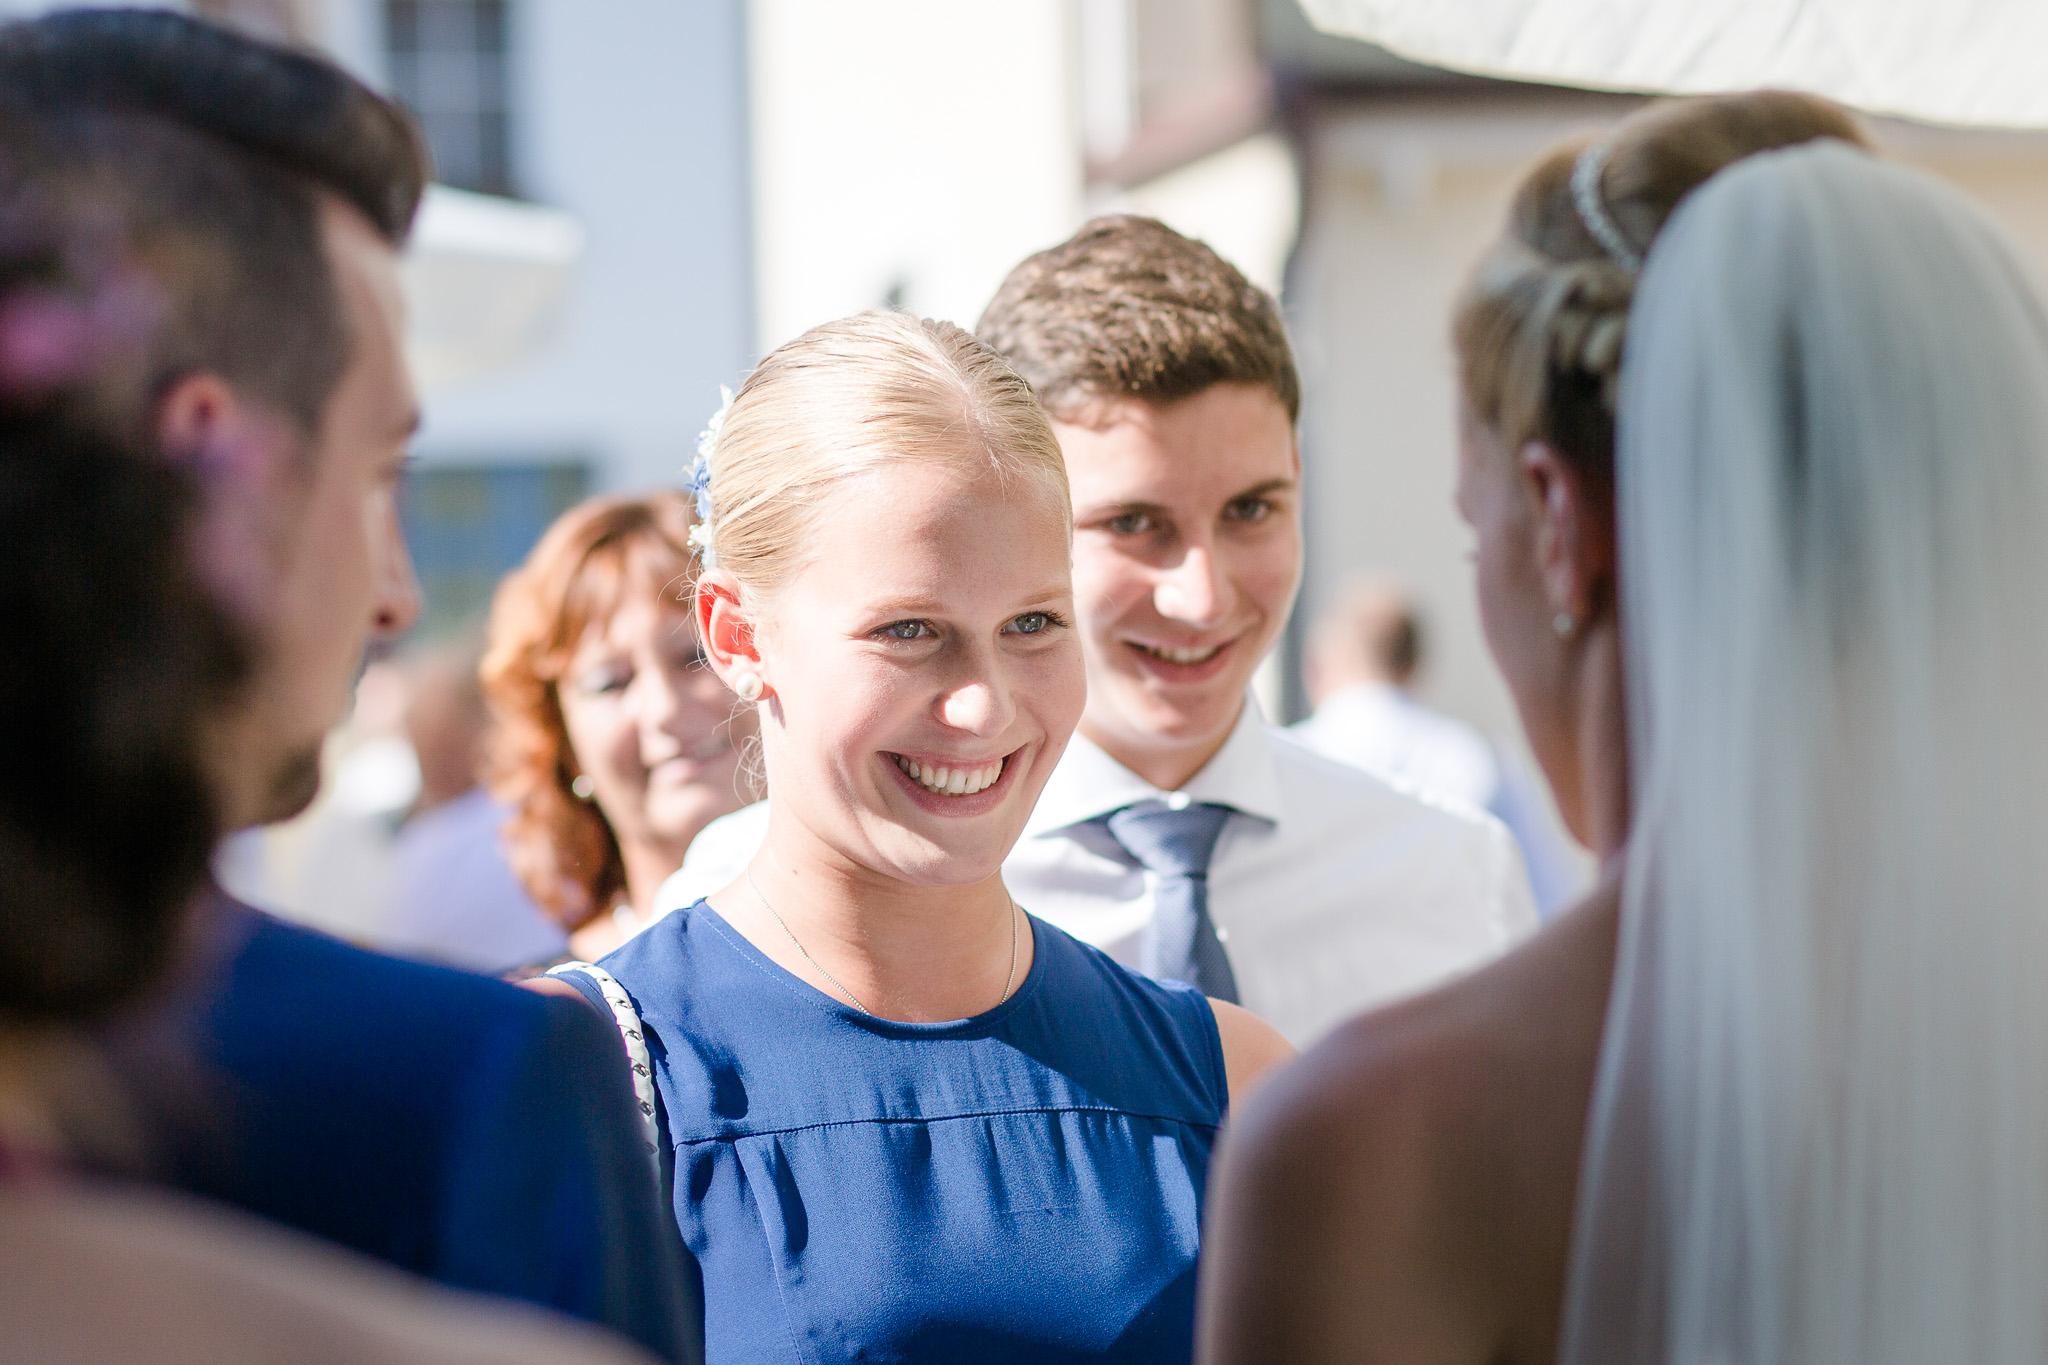 Hochzeit_031.jpg